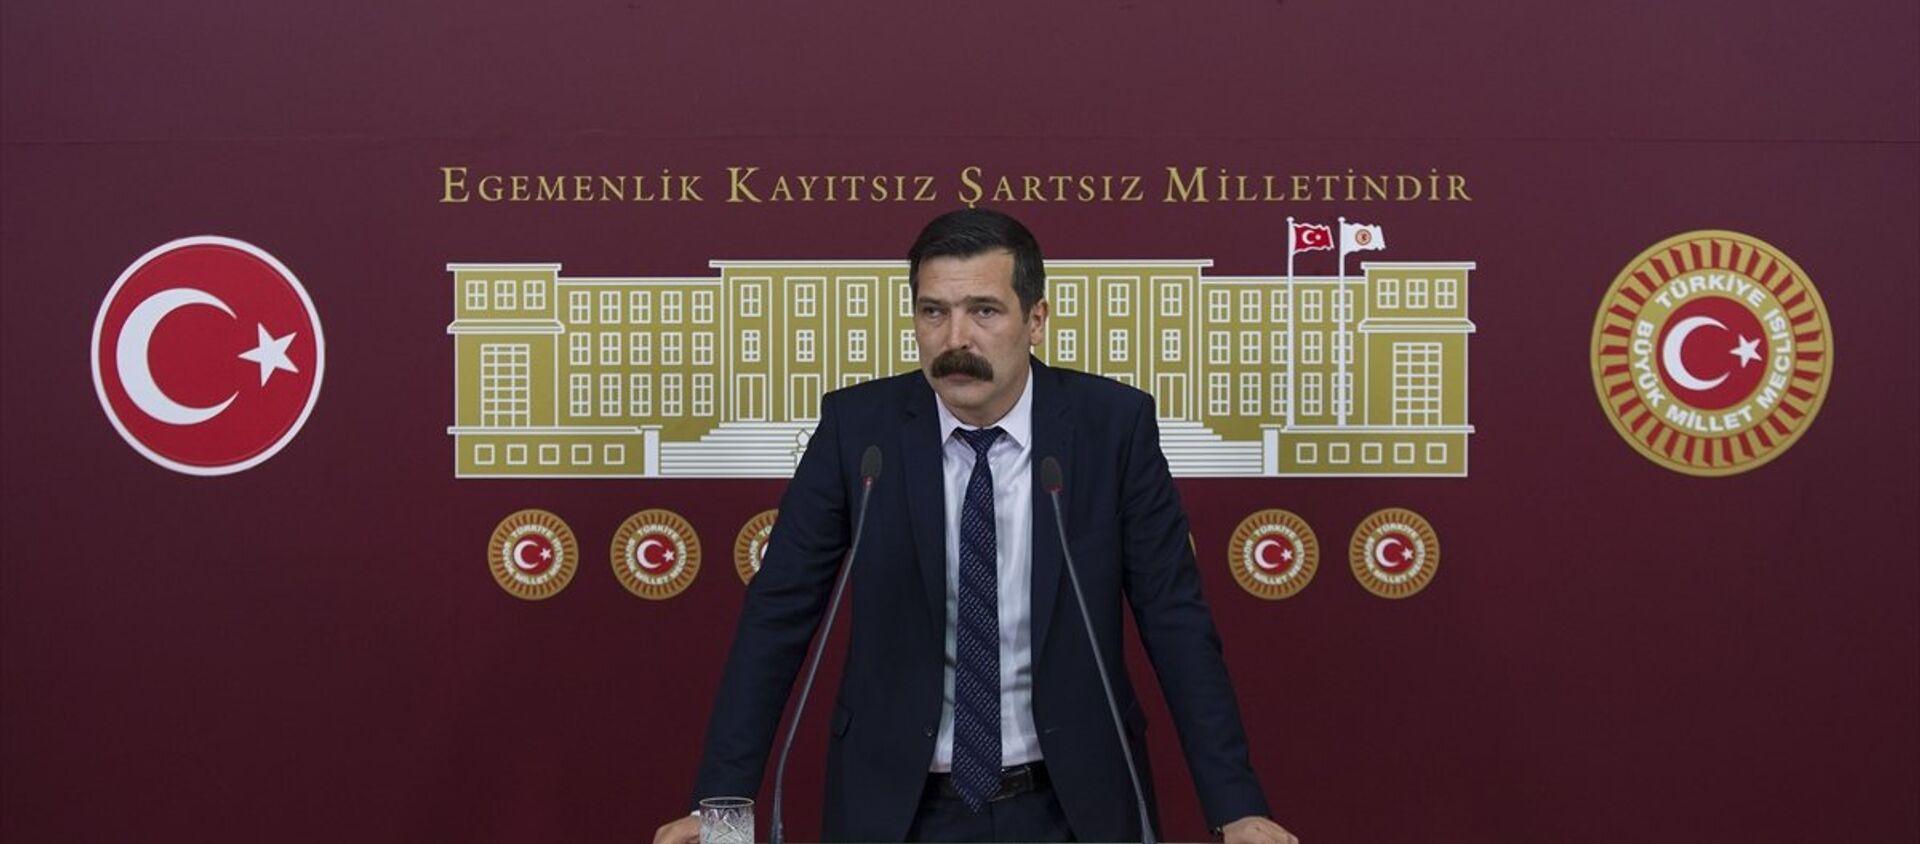 Erkan Baş - Sputnik Türkiye, 1920, 28.04.2021